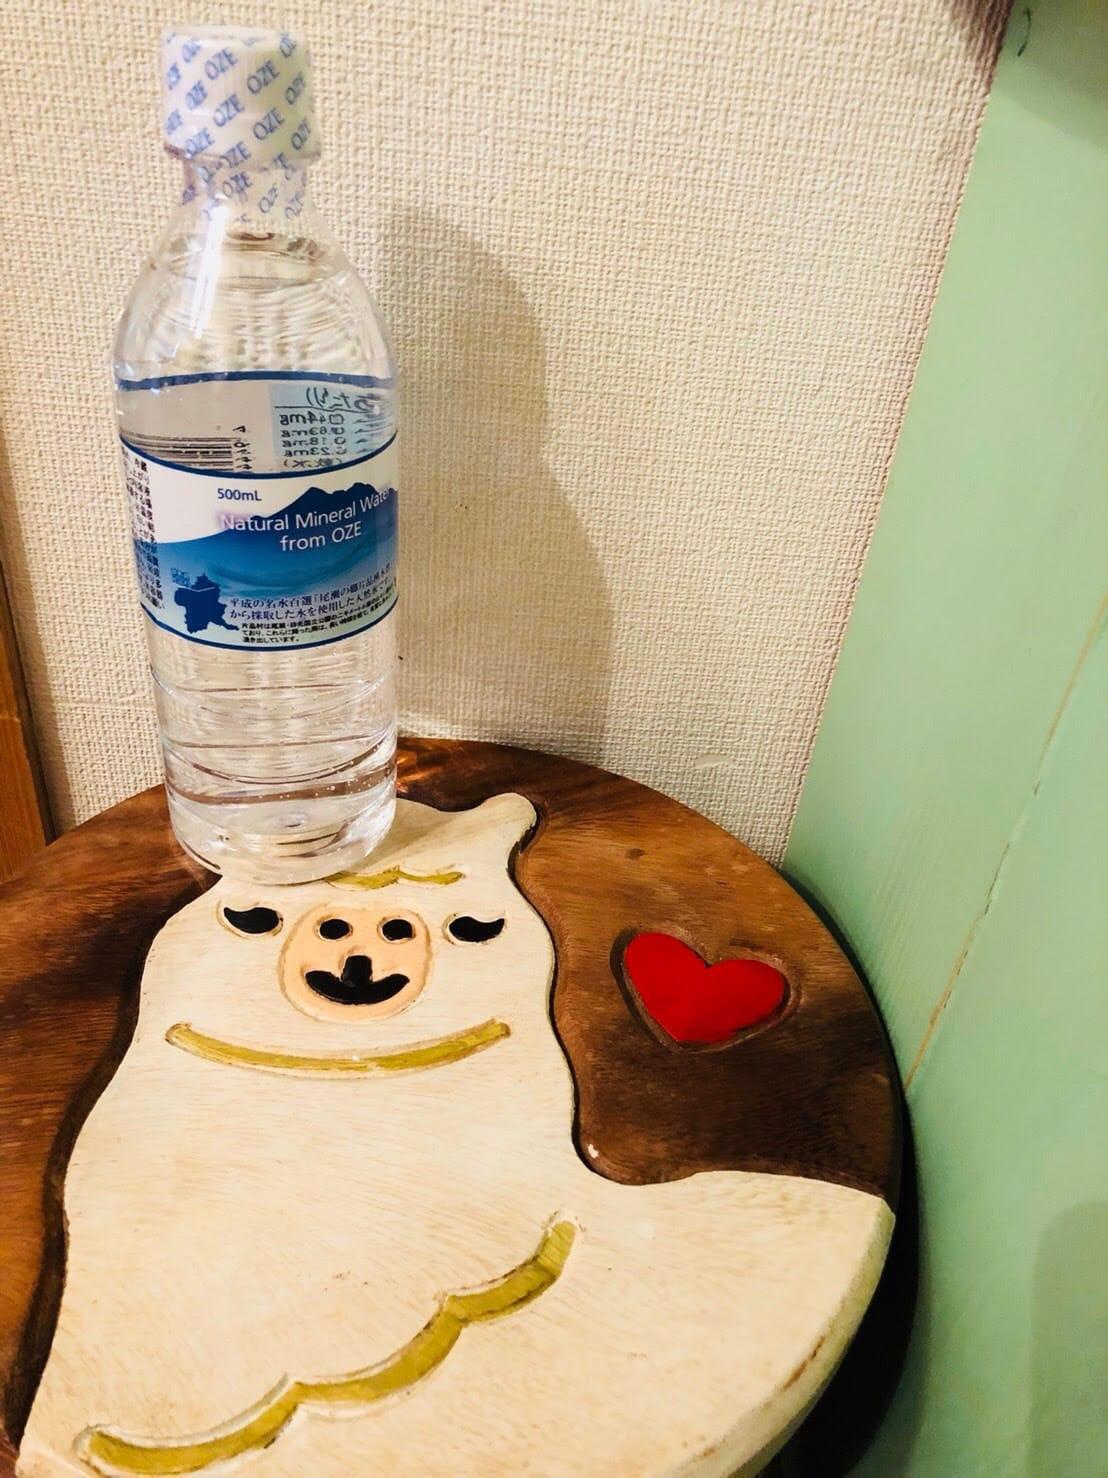 「美千代です(*´꒳`*)」03/30(03/30) 15:47 | 山崎 美千代の写メ・風俗動画